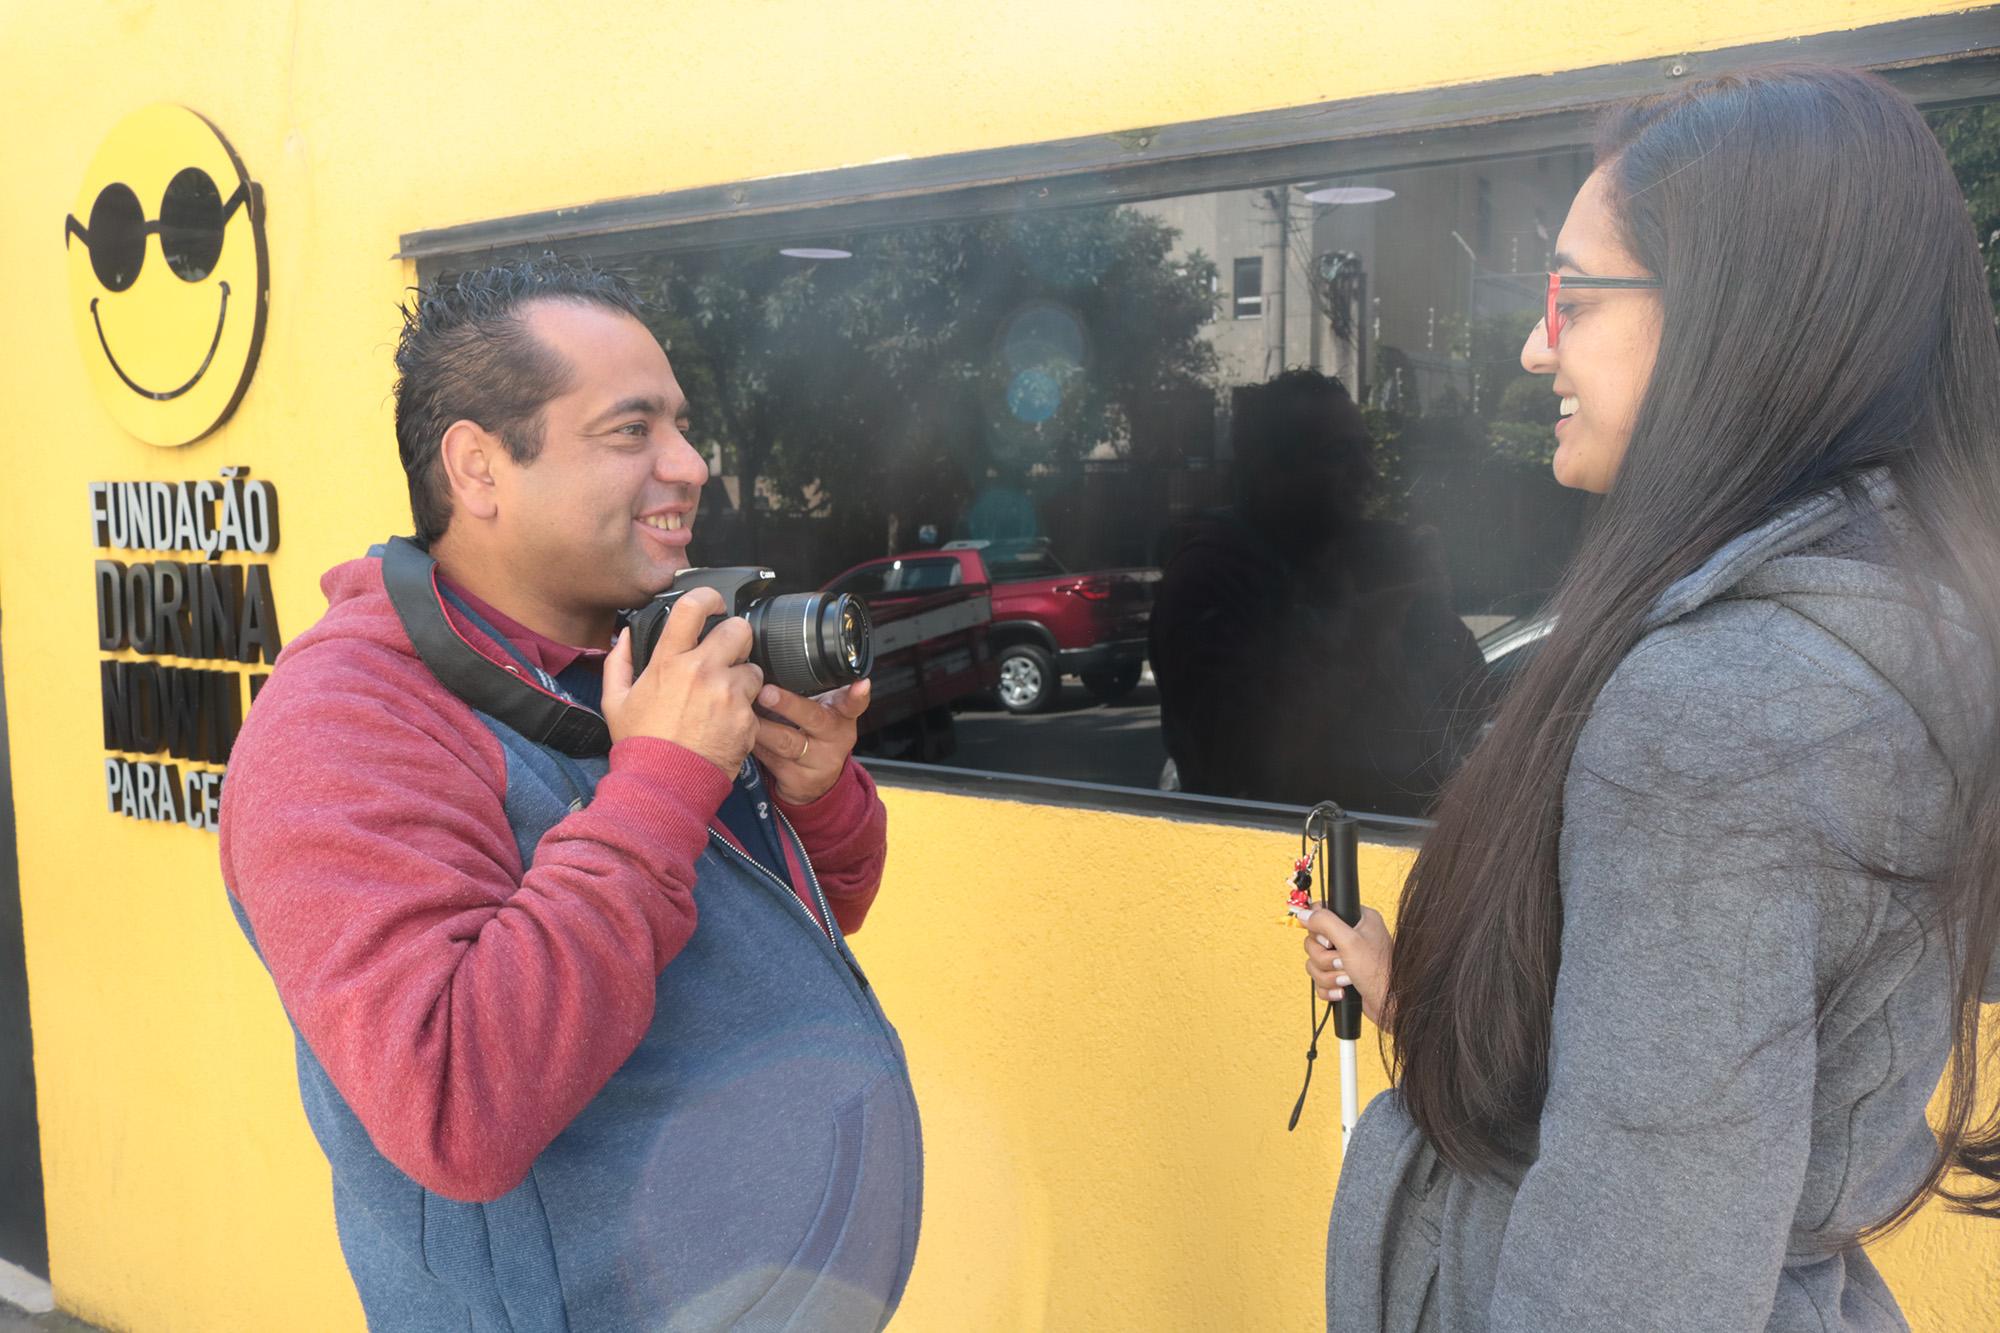 Descrição da imagem: foto de Marco Oton tirando uma foto de sua esposa Cíntia. Eles estão de perfil, de frente um para o outro e sorrindo. Marco tem uma câmera fotográfica posicionada abaixo do queixo. Ao fundo há uma parede amarela com o logotipo da Fundação Dorina.